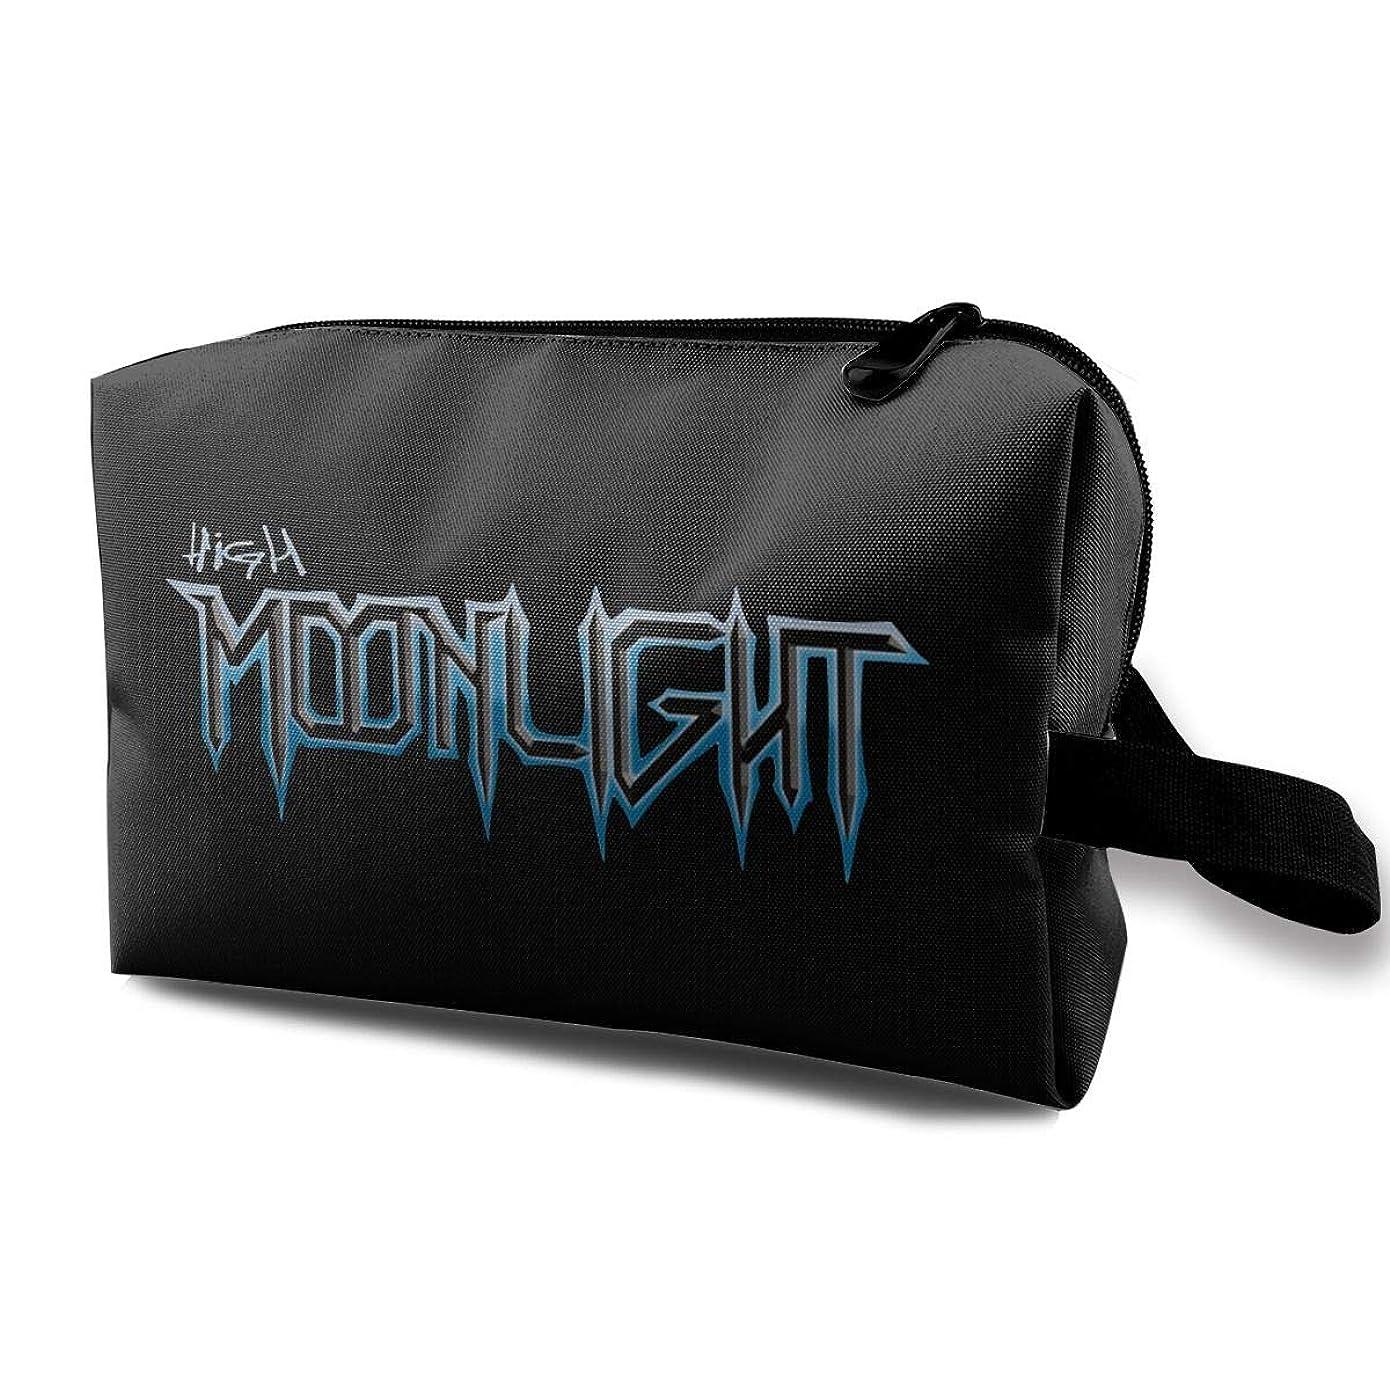 意味最終的に横たわるハイムーンライトバンド High Moonlight Band コスメバッグ 収納箱 洗面用具バッグ 化粧品収納 化粧道具入れ ジッパー付き 大容量 多機能 持ち運び便利 自宅 出張 男女兼用